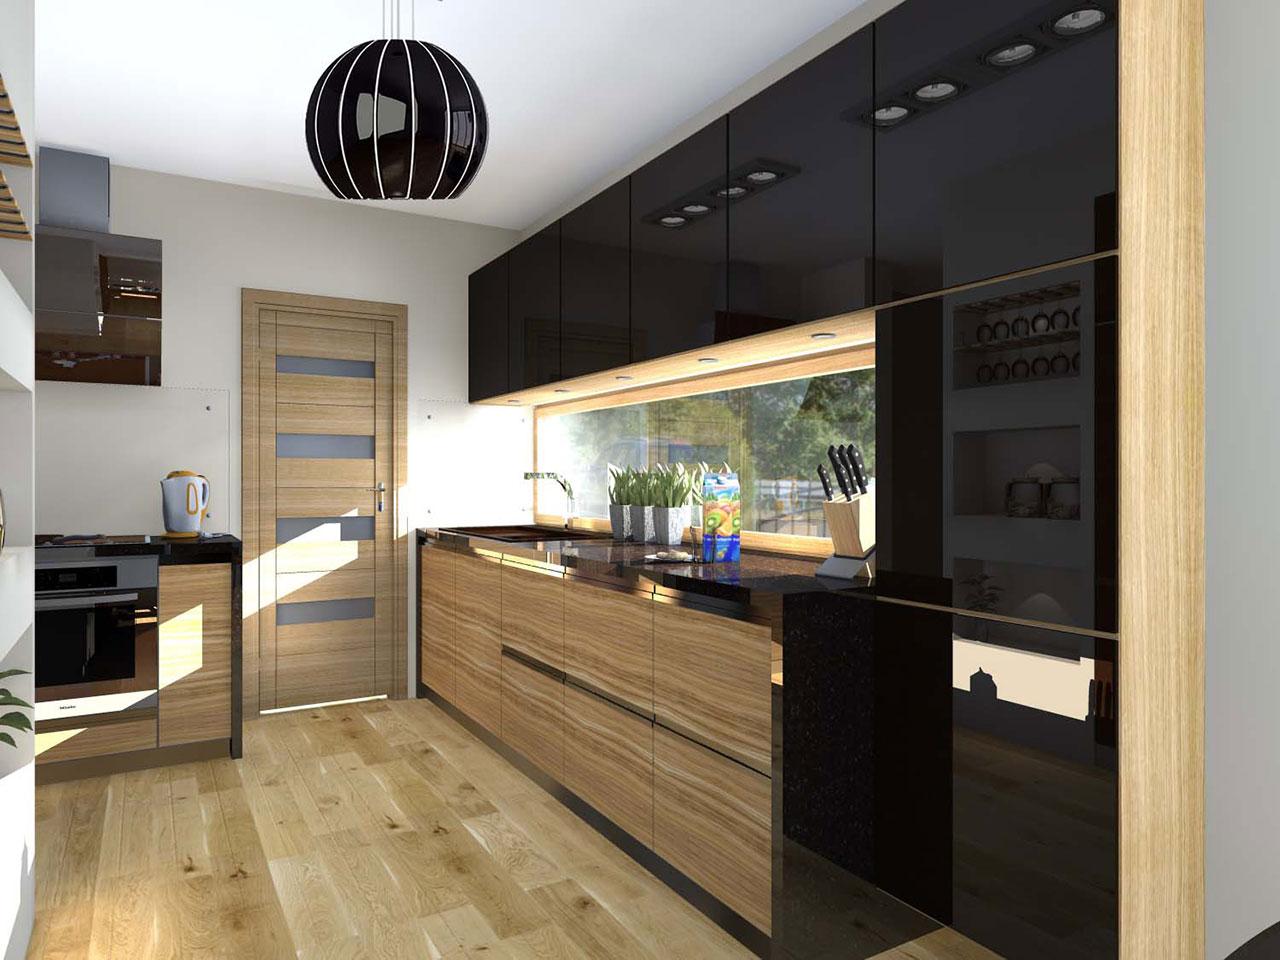 Kuchnia w odcieniu szarości z akcentem koloru drewna   -> Kuchnia Lakierowana I Drewno